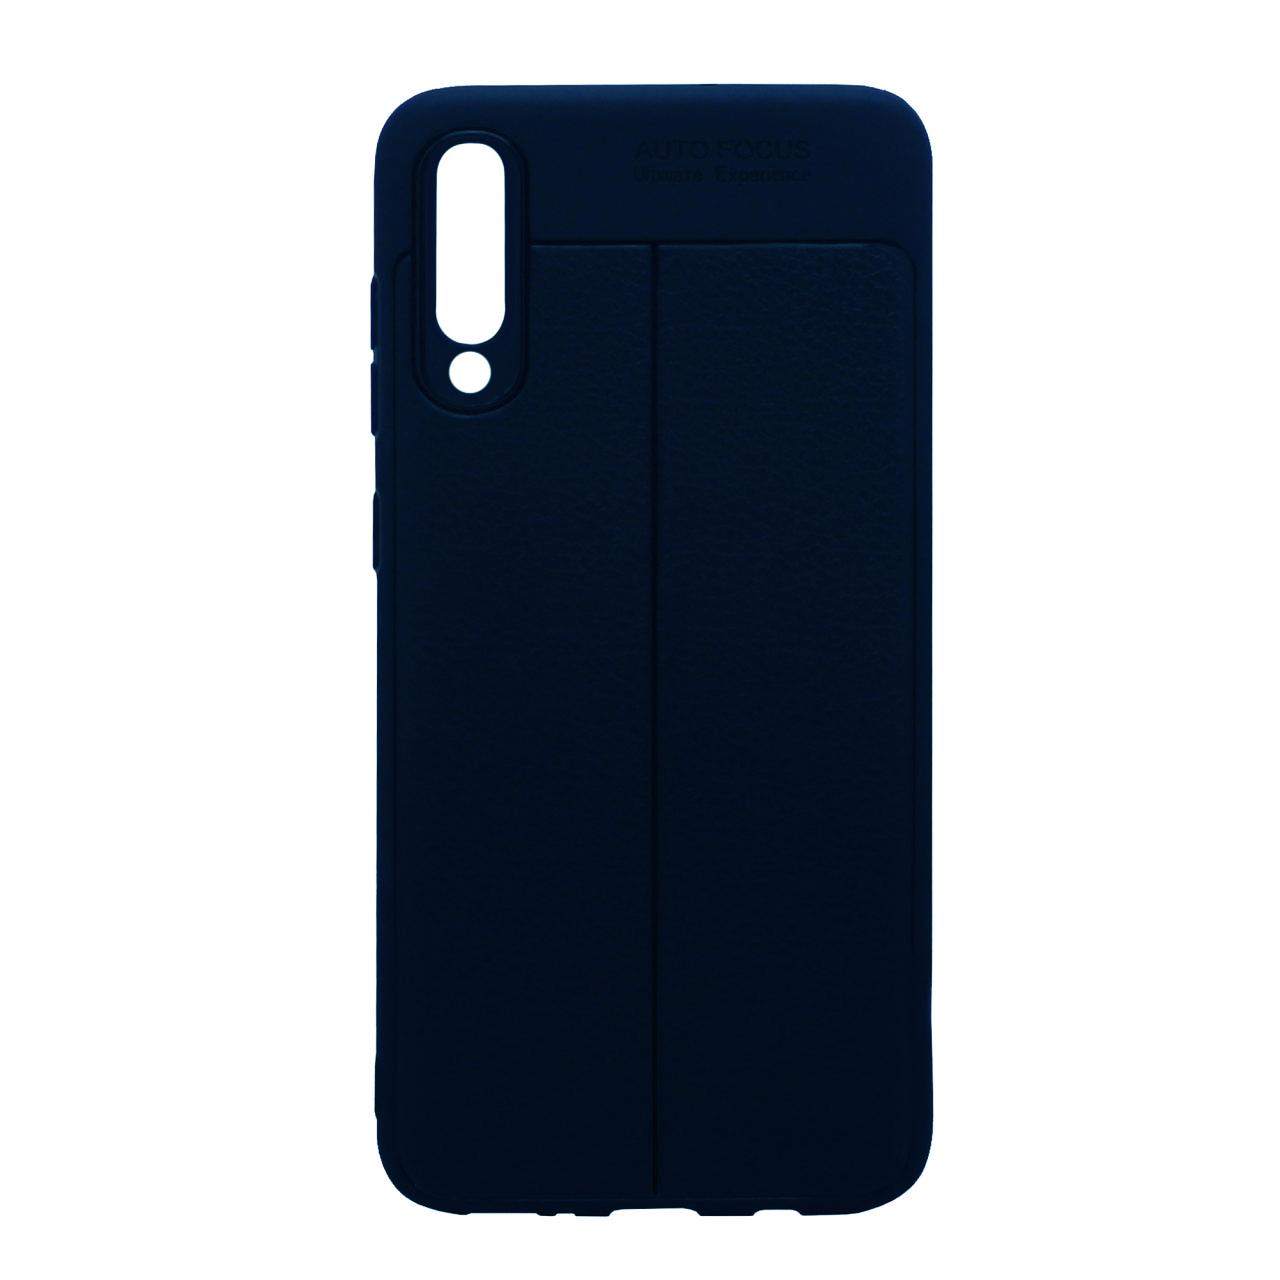 کاور مدل B-1 مناسب برای گوشی موبایل سامسونگ Galaxy A50